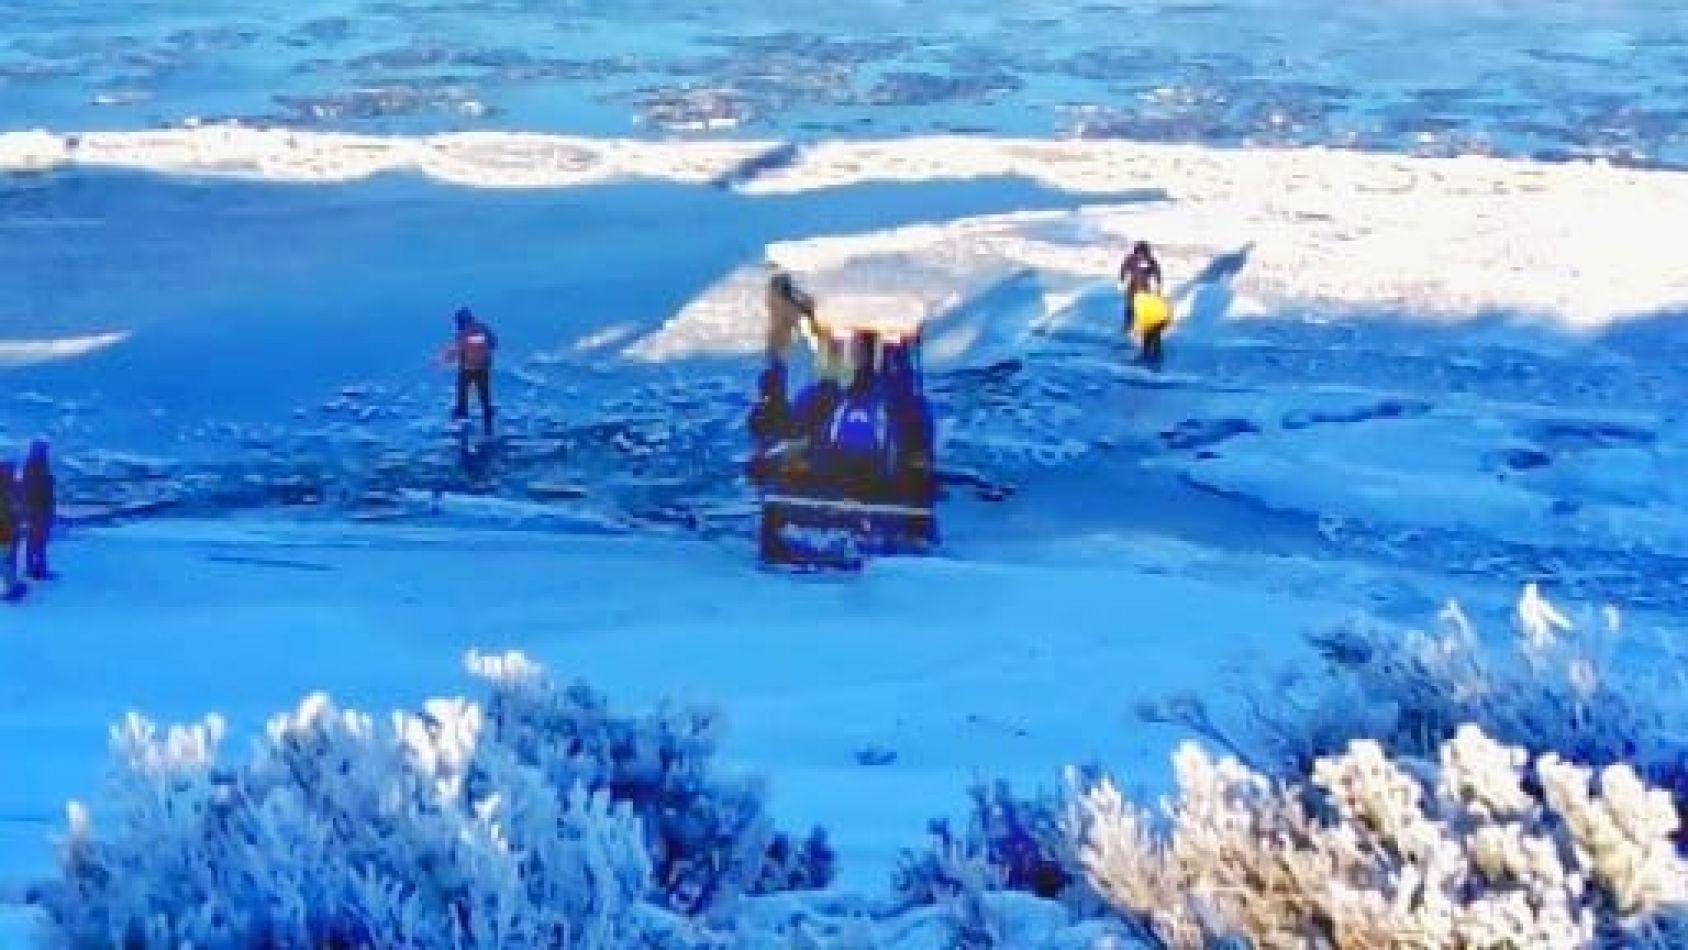 Según el SMN (Servicio Meteorológico Nacional) las temperaturas extremas van a persistir en los próximos días.